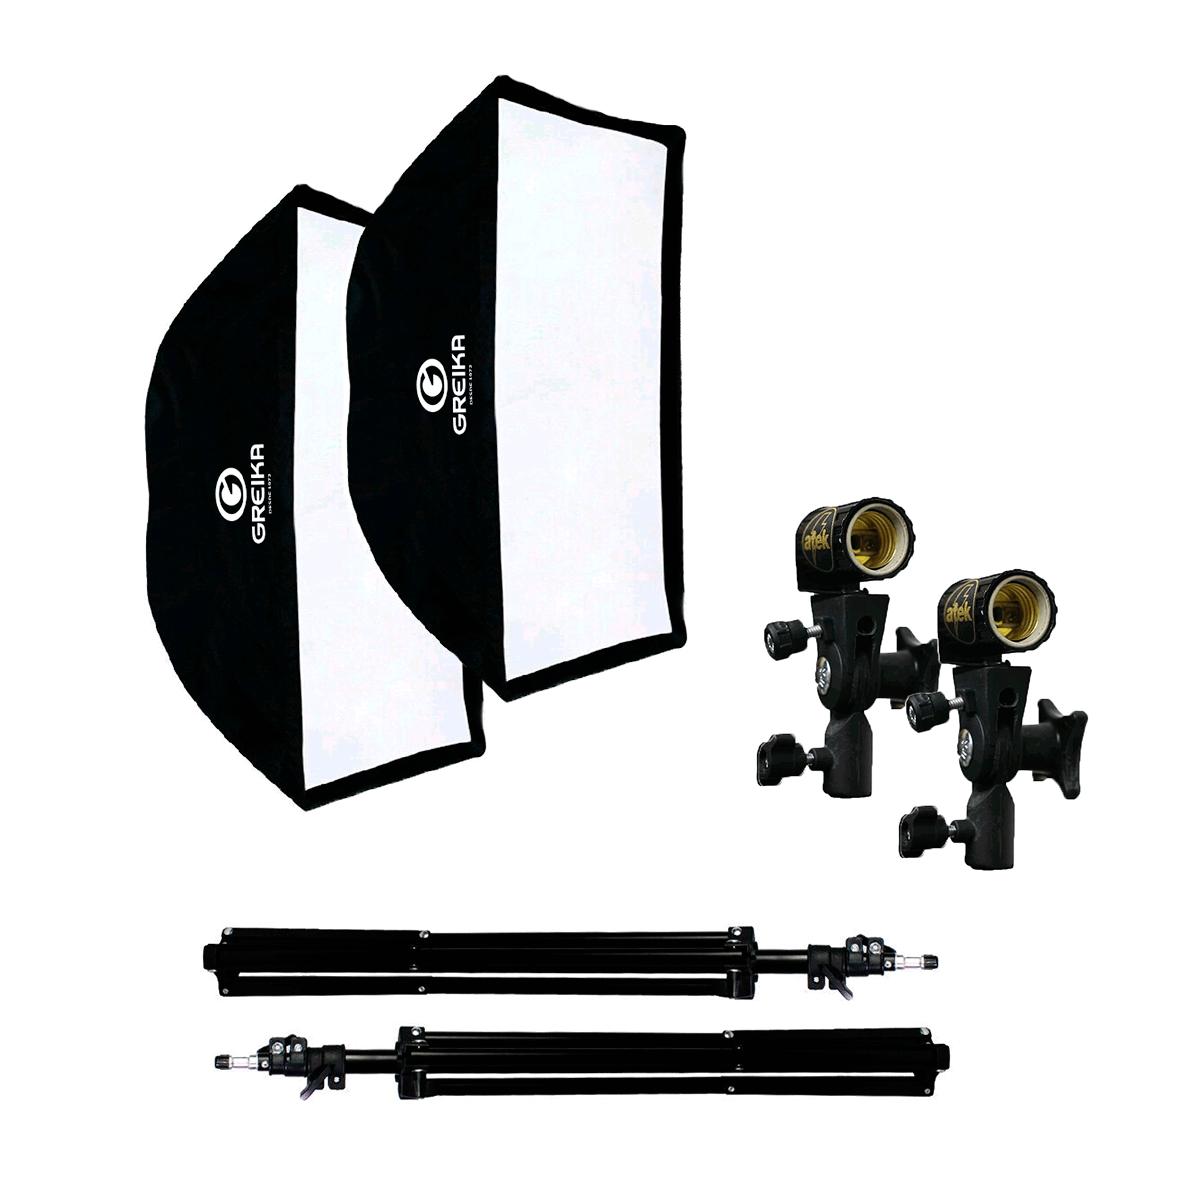 Iluminação Dupla para Gravar Vídeo com Softbox Universal 60x90, Soquetes ATEK e Tripés de 2m  - Fotolux